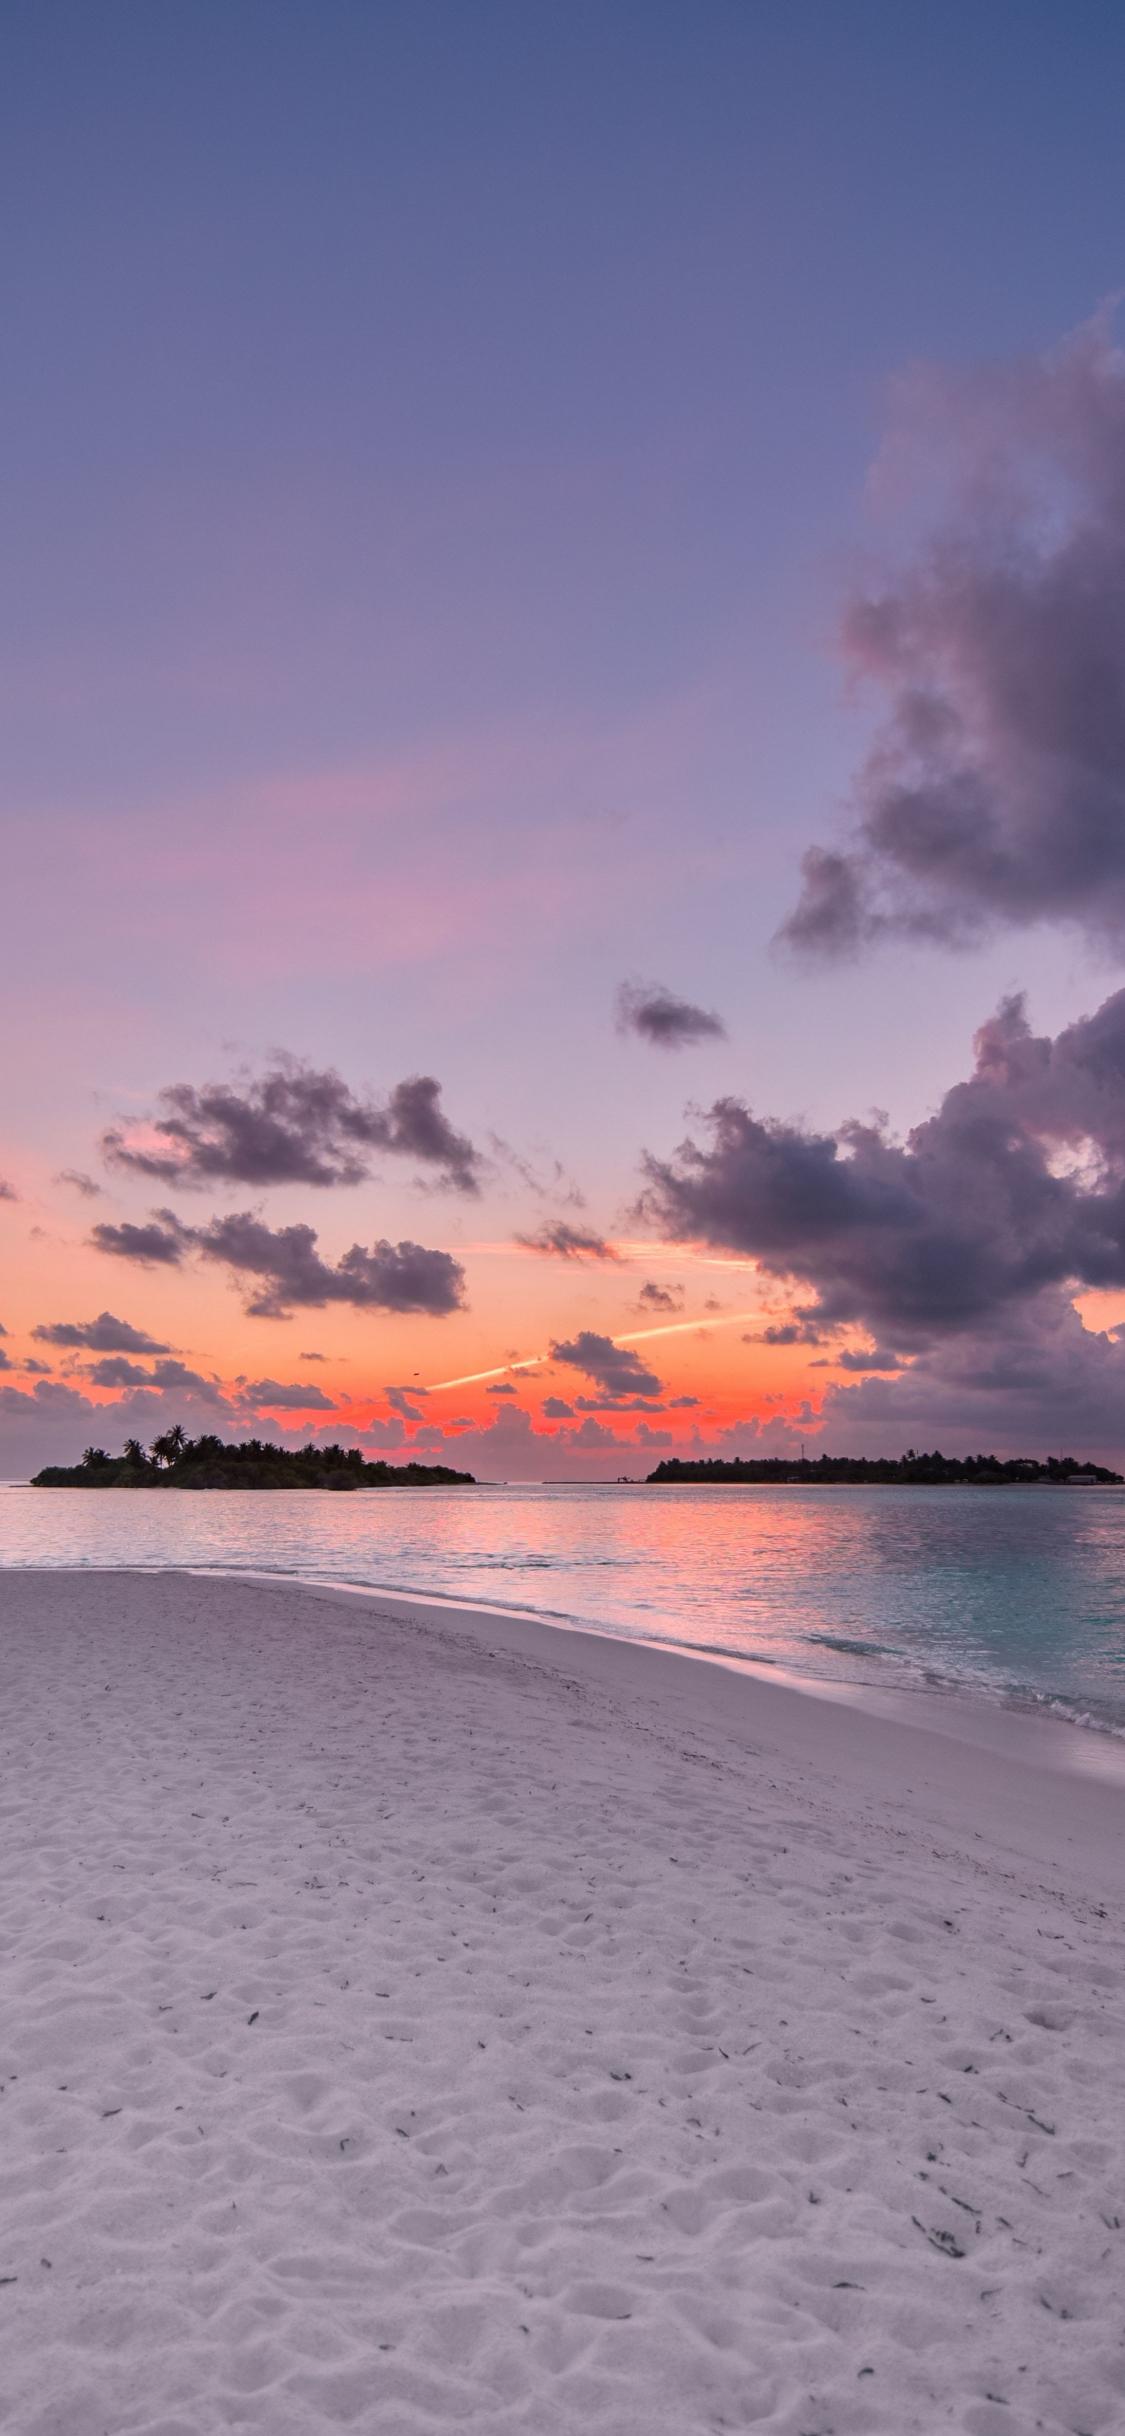 Download 1125x2436 Wallpaper Beach Island Sunset Clouds